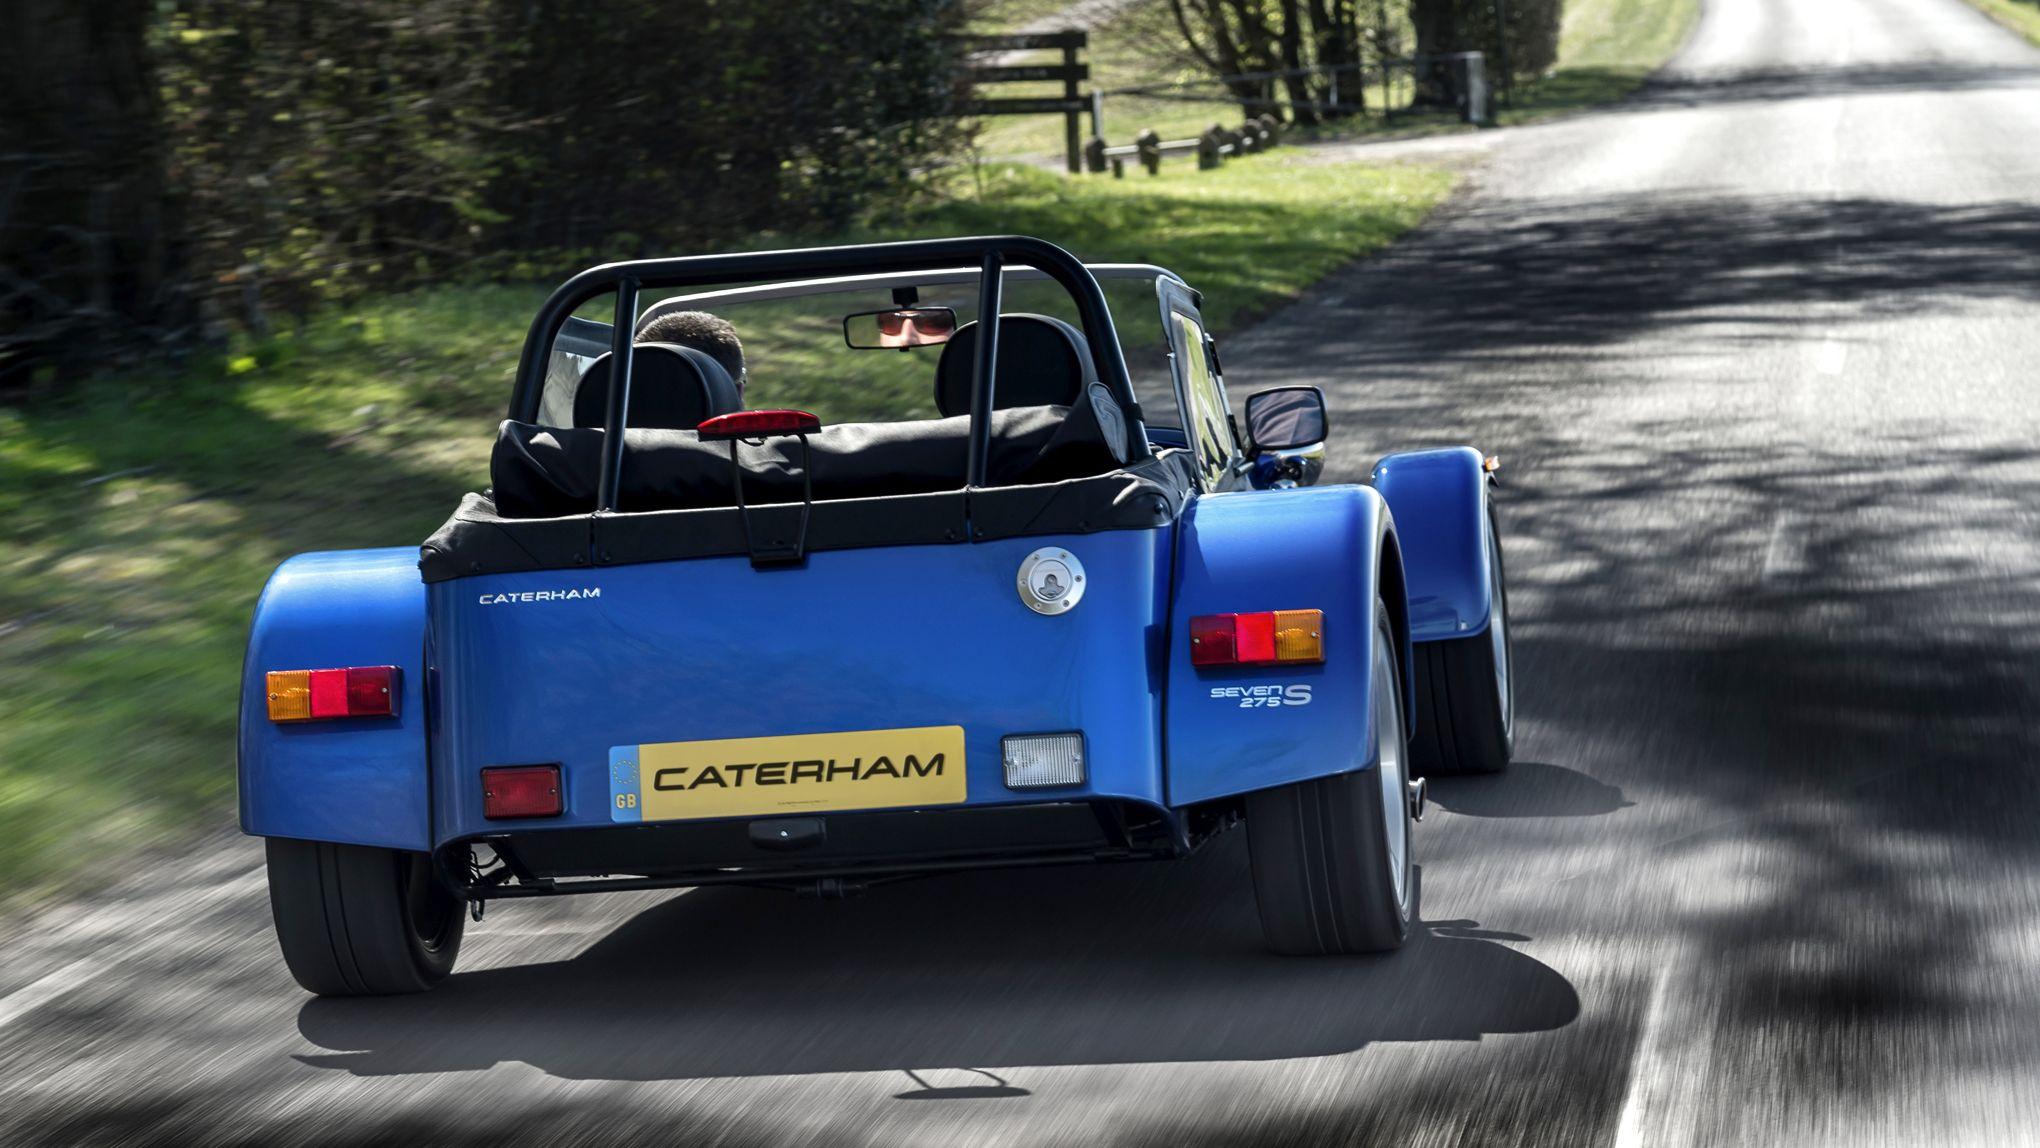 Caterham L'état Roadster Seven À 275Le Pur Nv08nmw